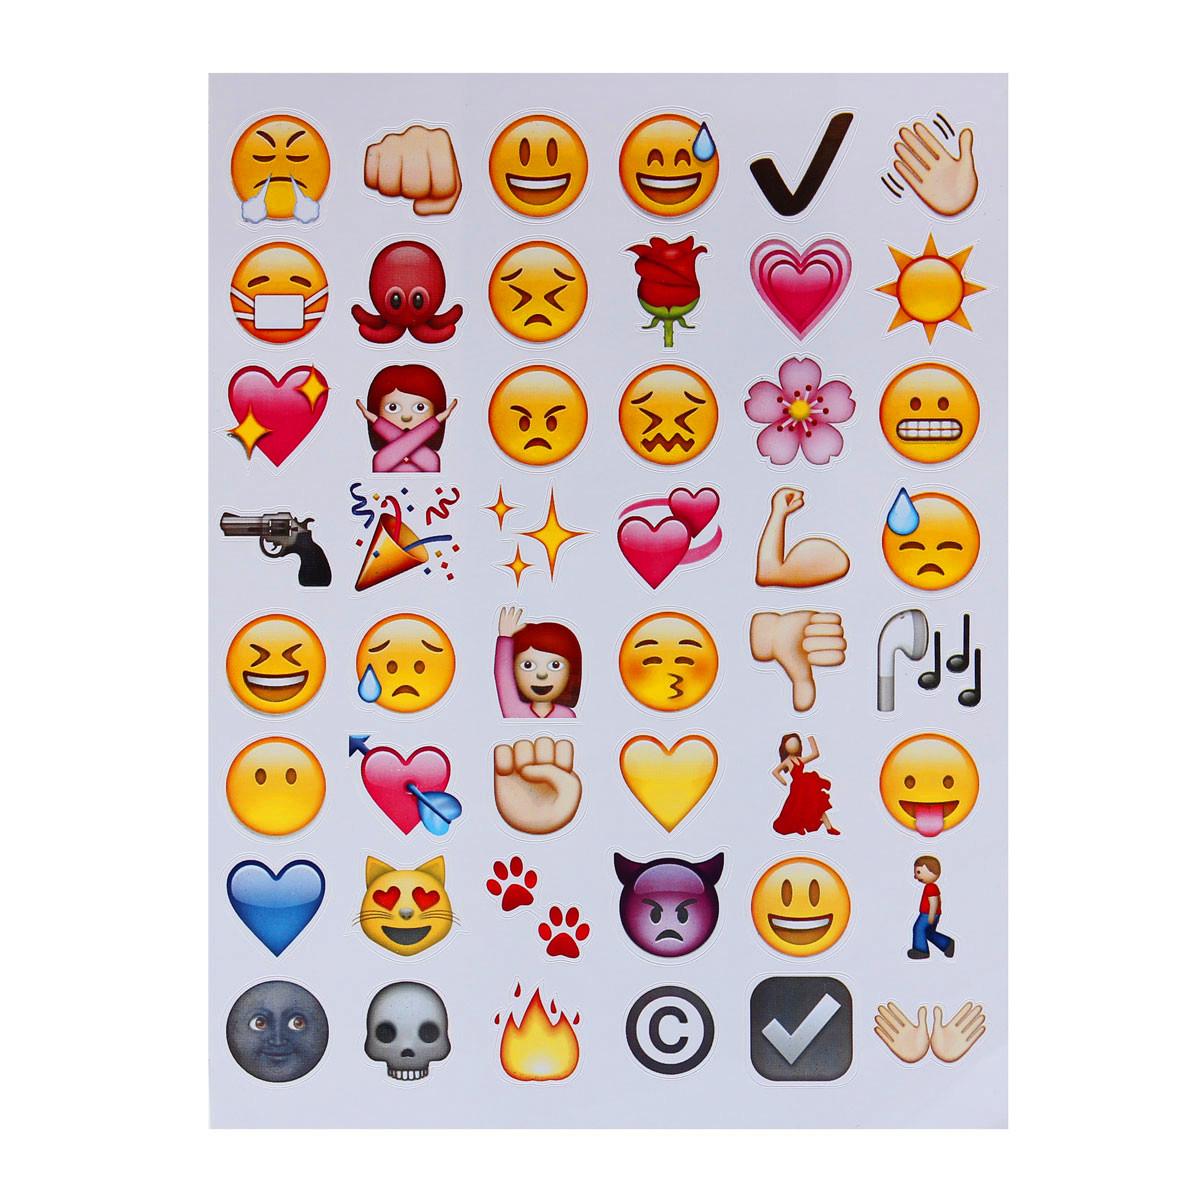 6 st ck scrapbooking sticker emoji gesicht stickers aufkleber f r handy laptop ebay. Black Bedroom Furniture Sets. Home Design Ideas